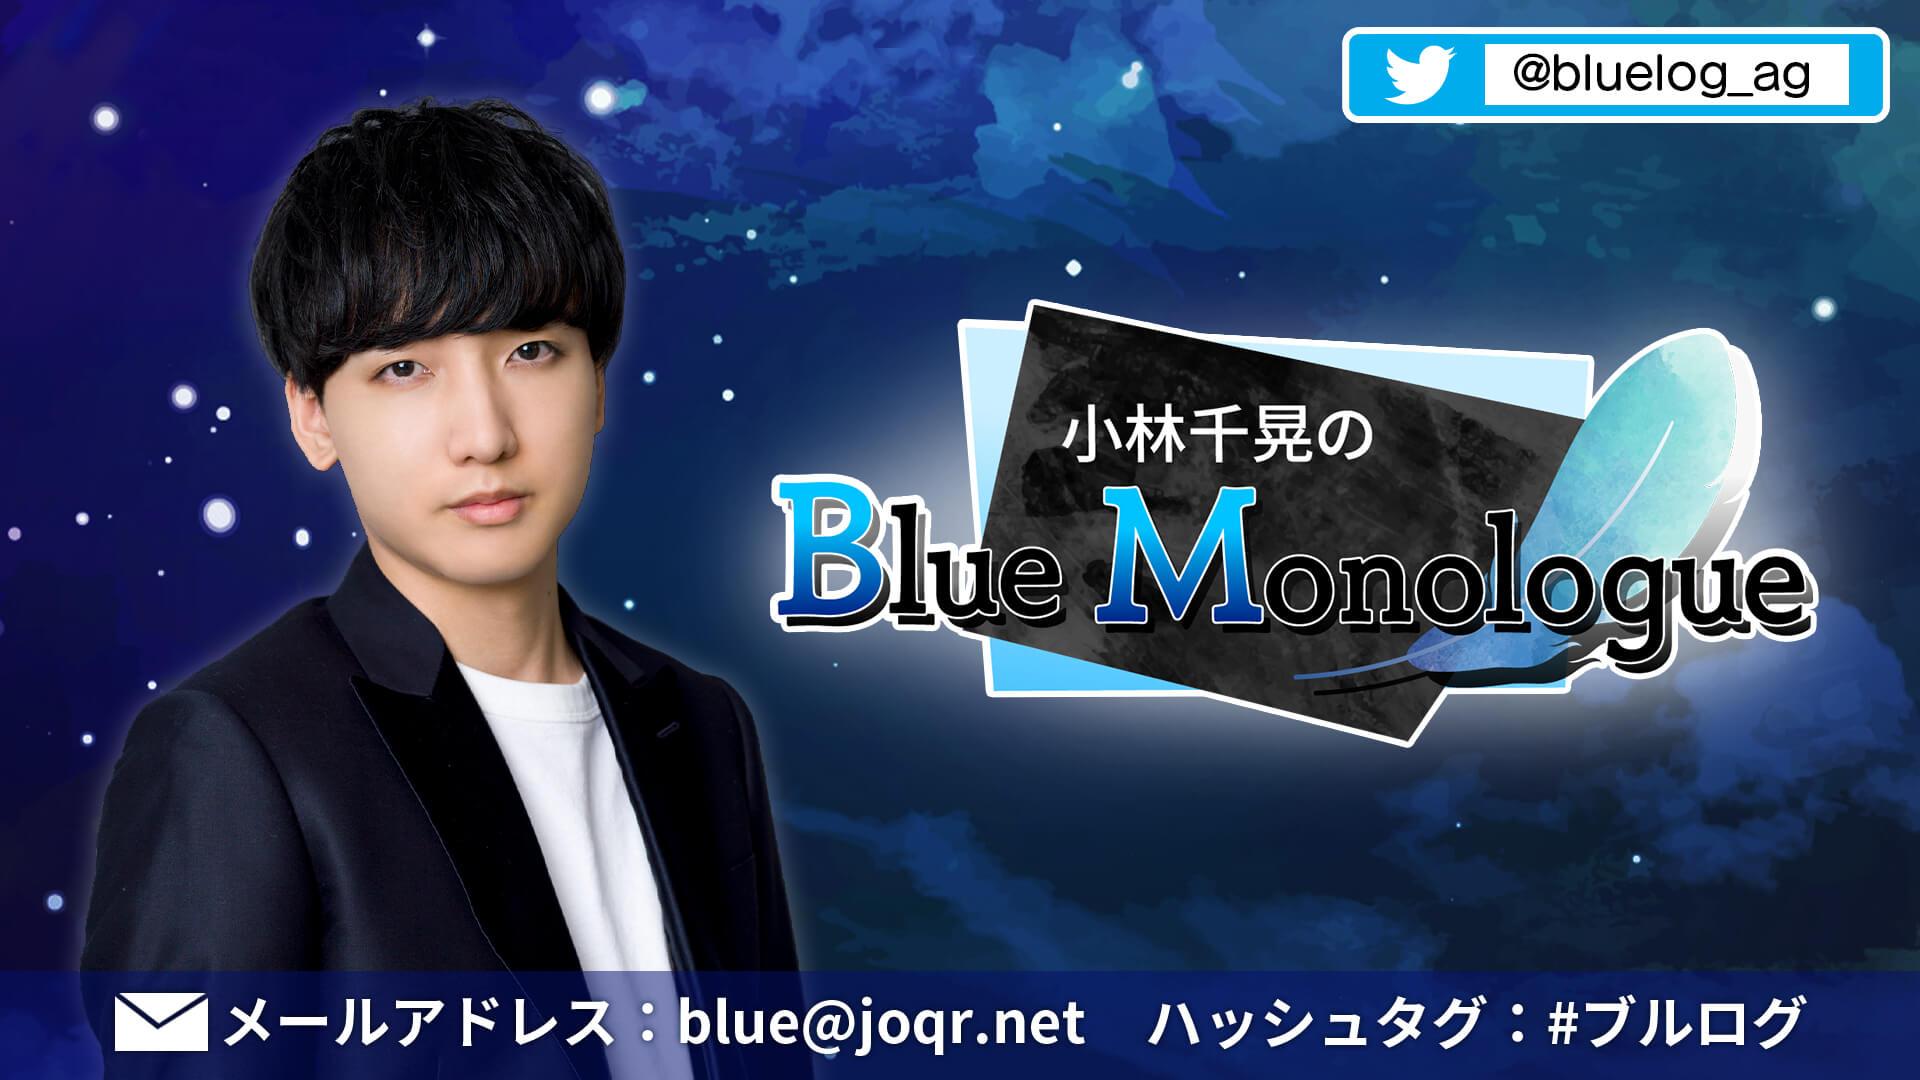 小林千晃のBlue Monologue